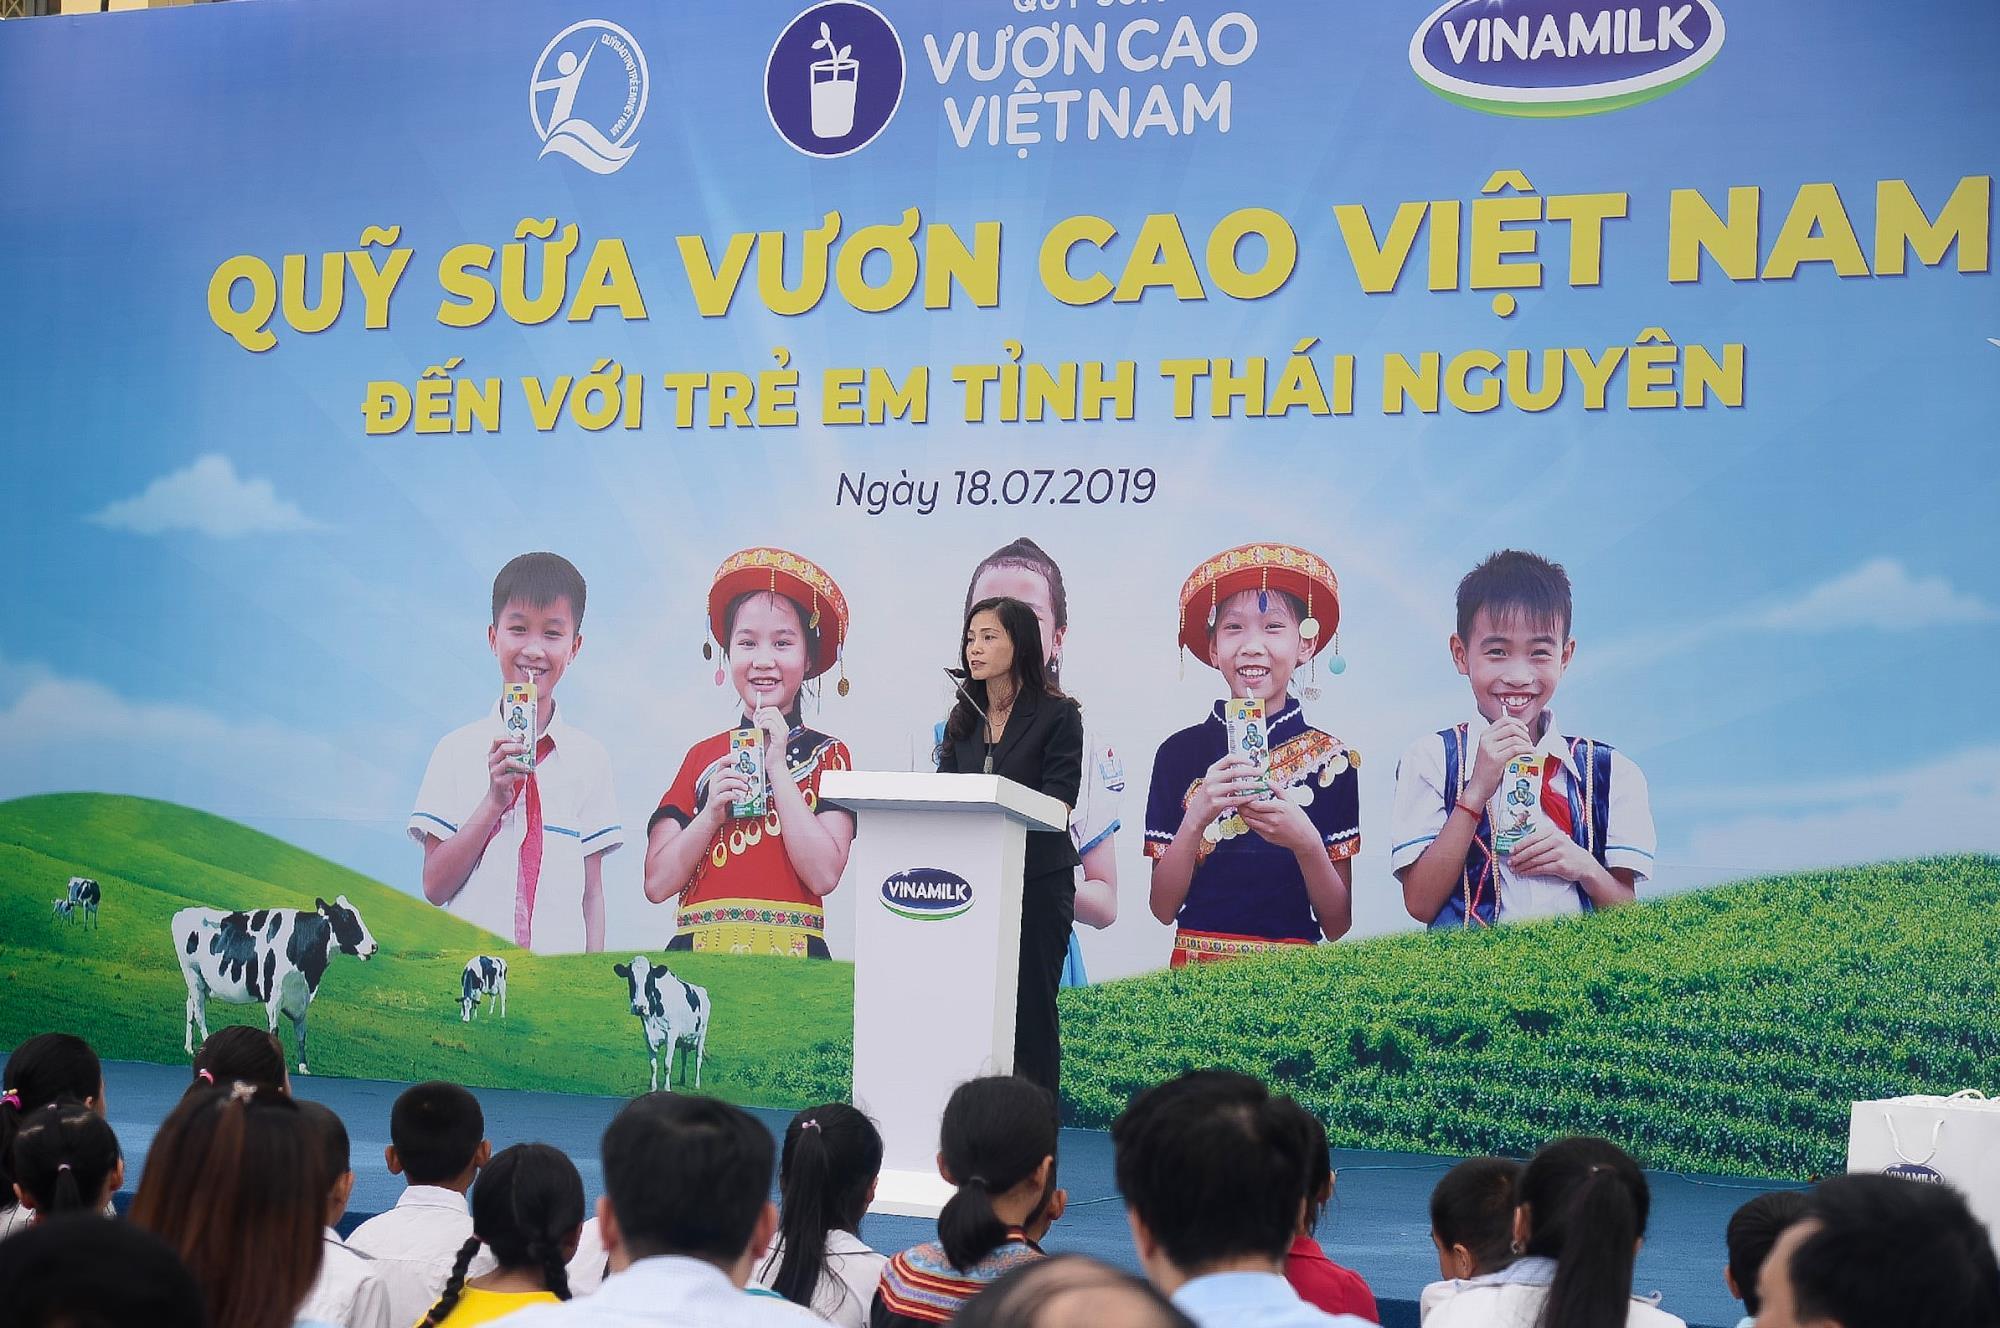 """Nỗ lực vì sứ mệnh: """"Để mọi trẻ em đều được uống sữa mỗi ngày"""" - Ảnh 2"""